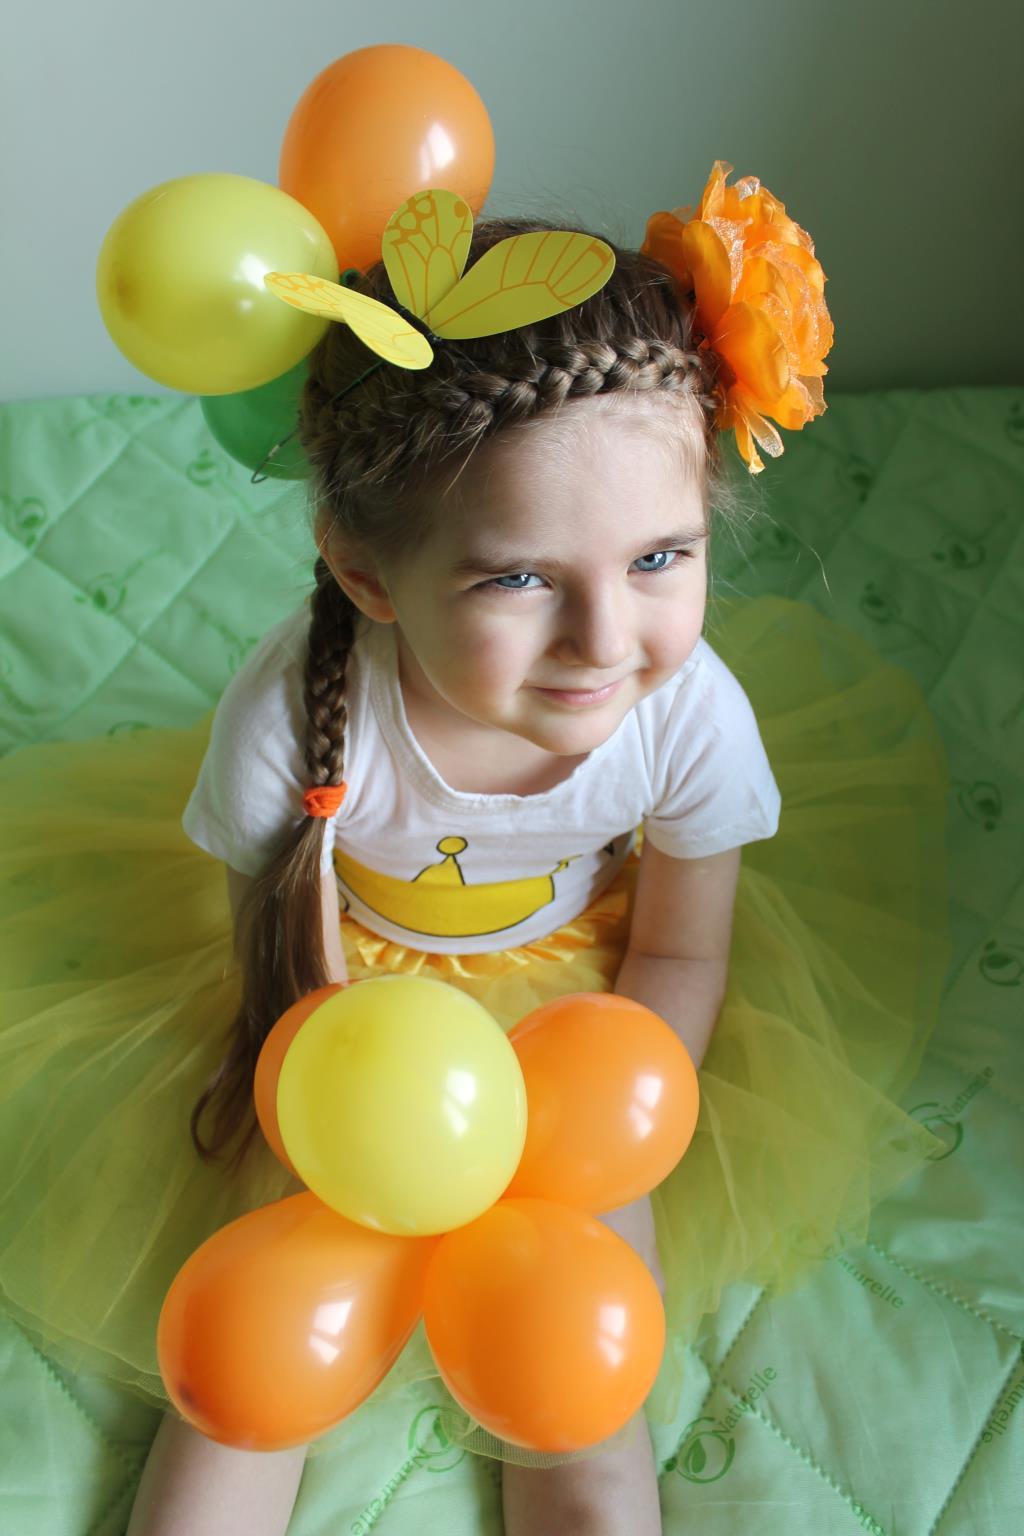 Прическа: Весеннее настроение.Солнце,бабочки,цветы. Прическа под настроение